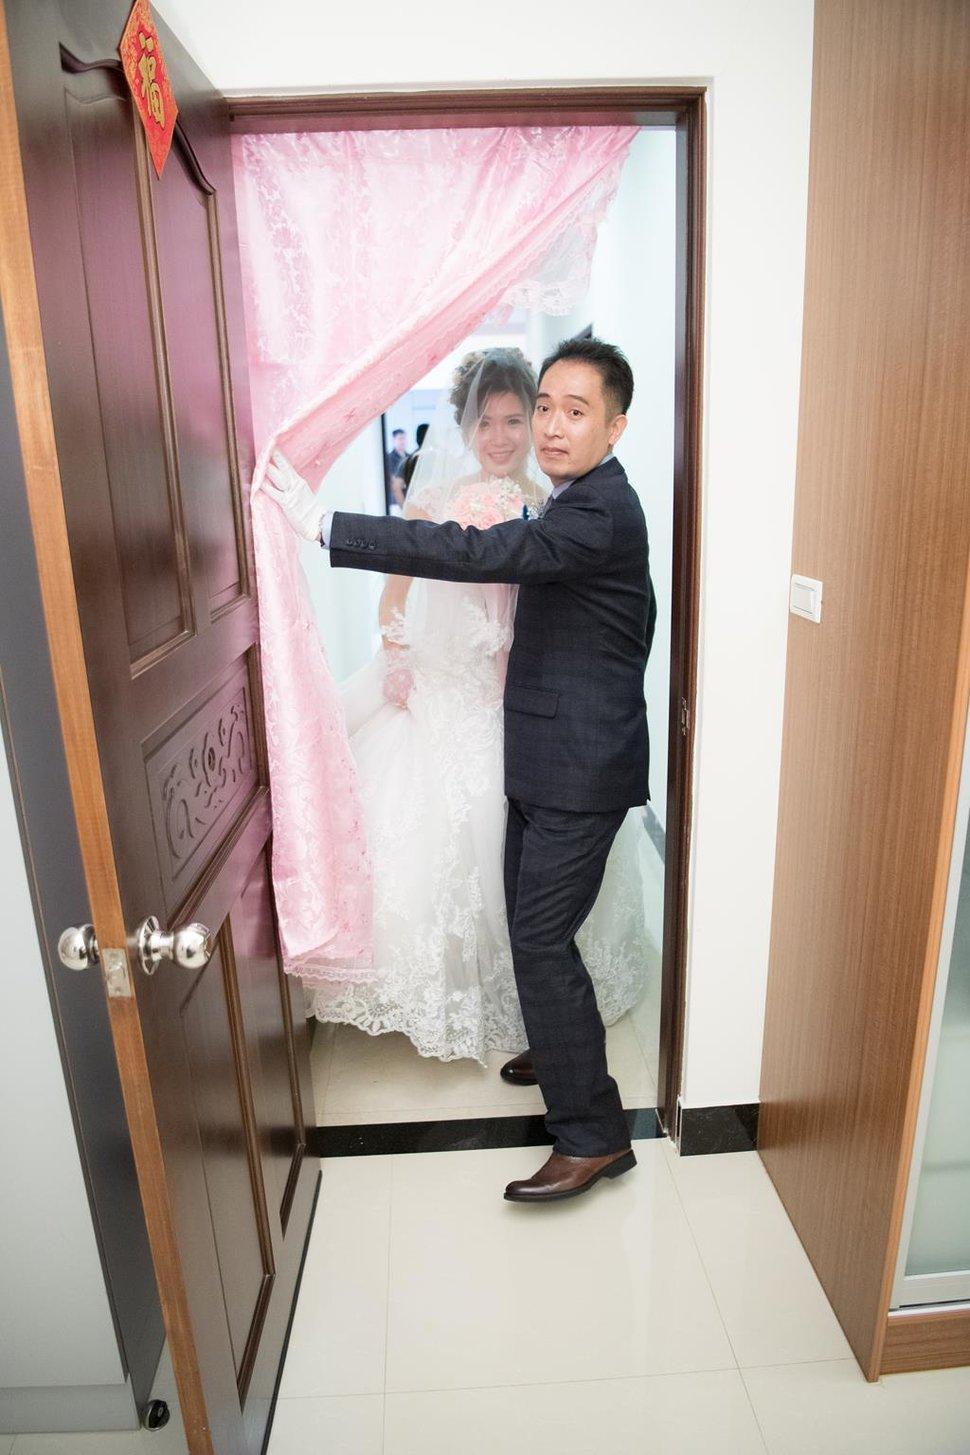 書孟&逸琳婚禮紀實-2-37 - Mr. Happiness 幸福先生《結婚吧》